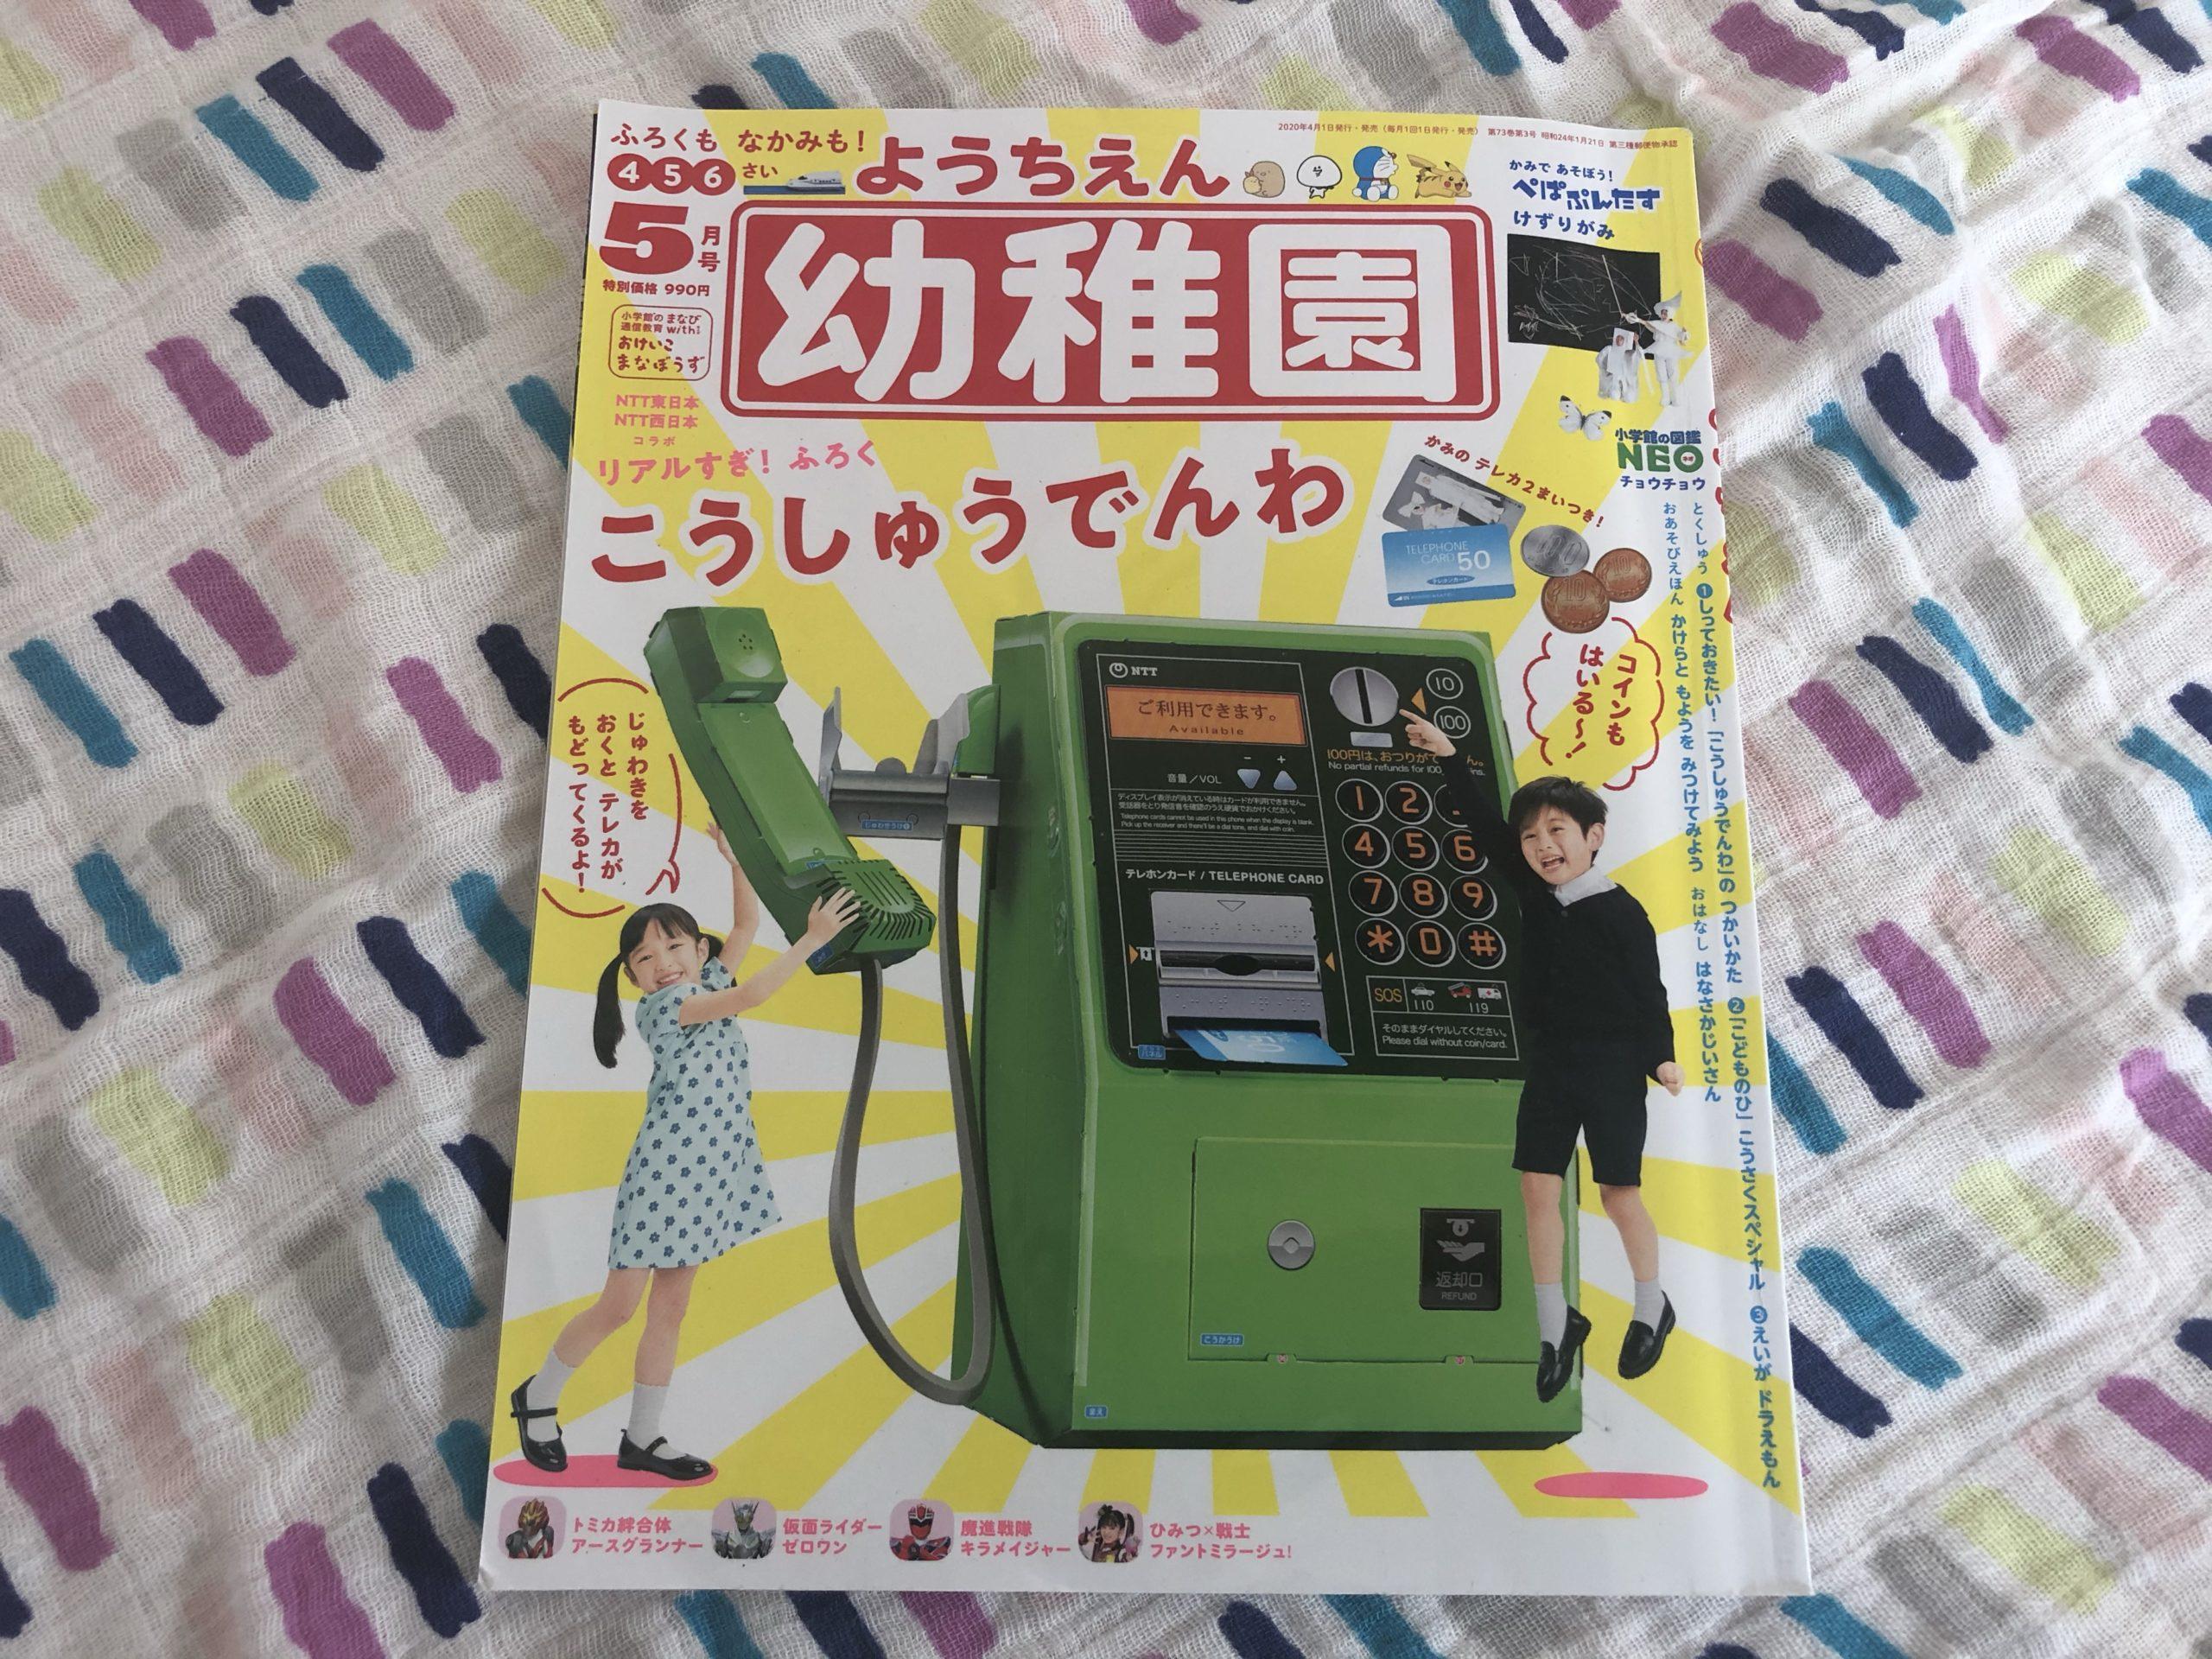 幼稚園 公衆電話 雑誌